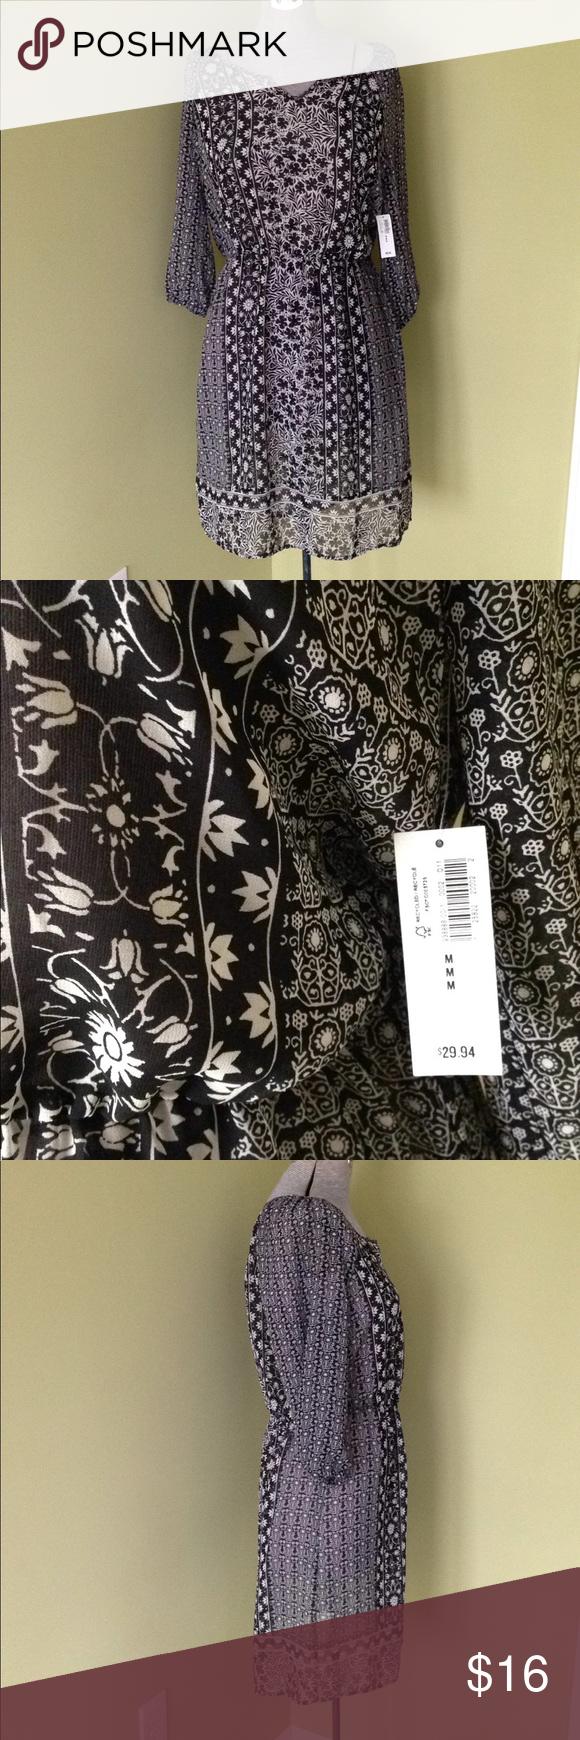 Old navy sheer dress cover up black white print m sheer dress